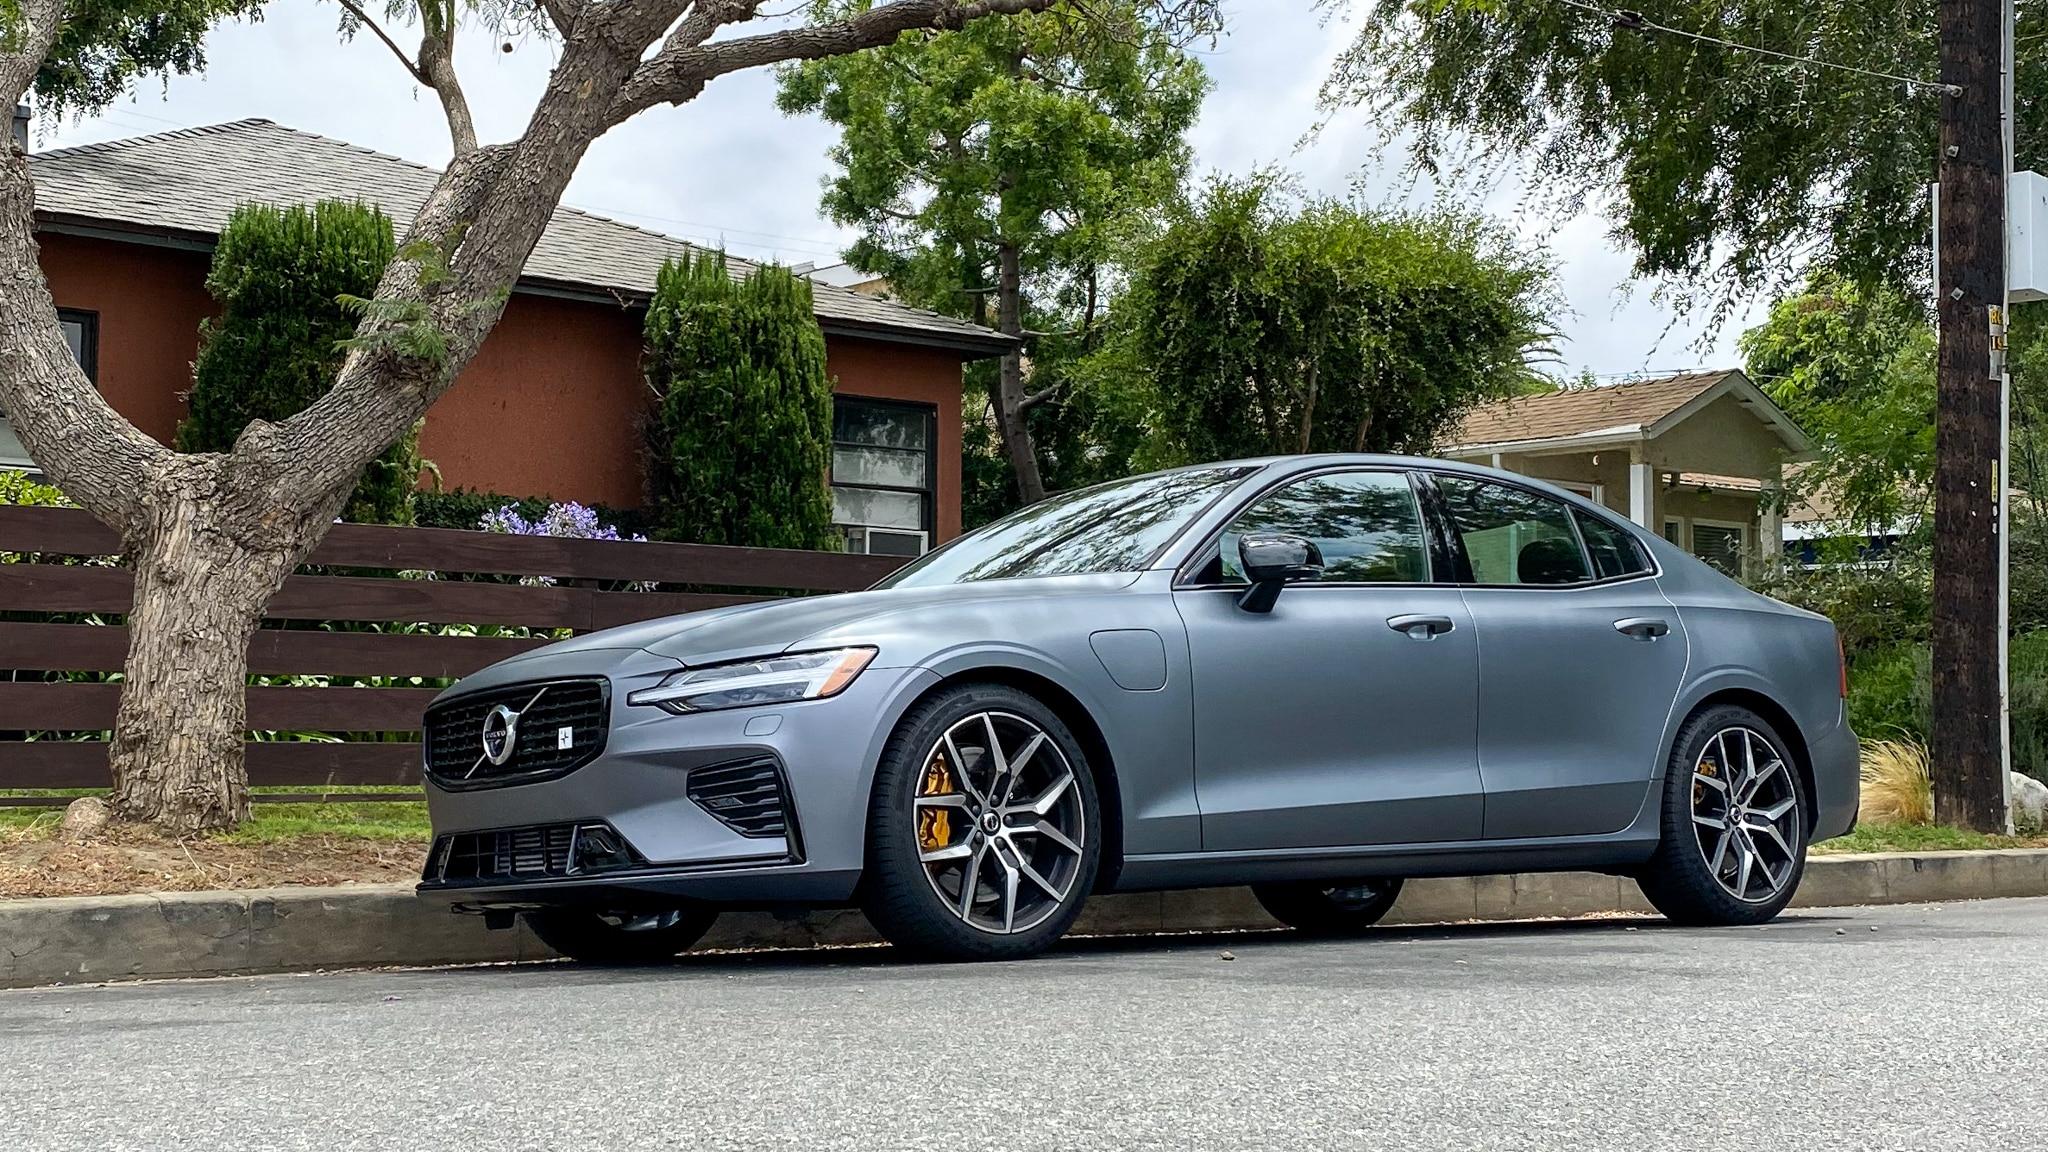 2020 Volvo S60 T8 E Awd Polestar Engineered Test Drive News Akmi